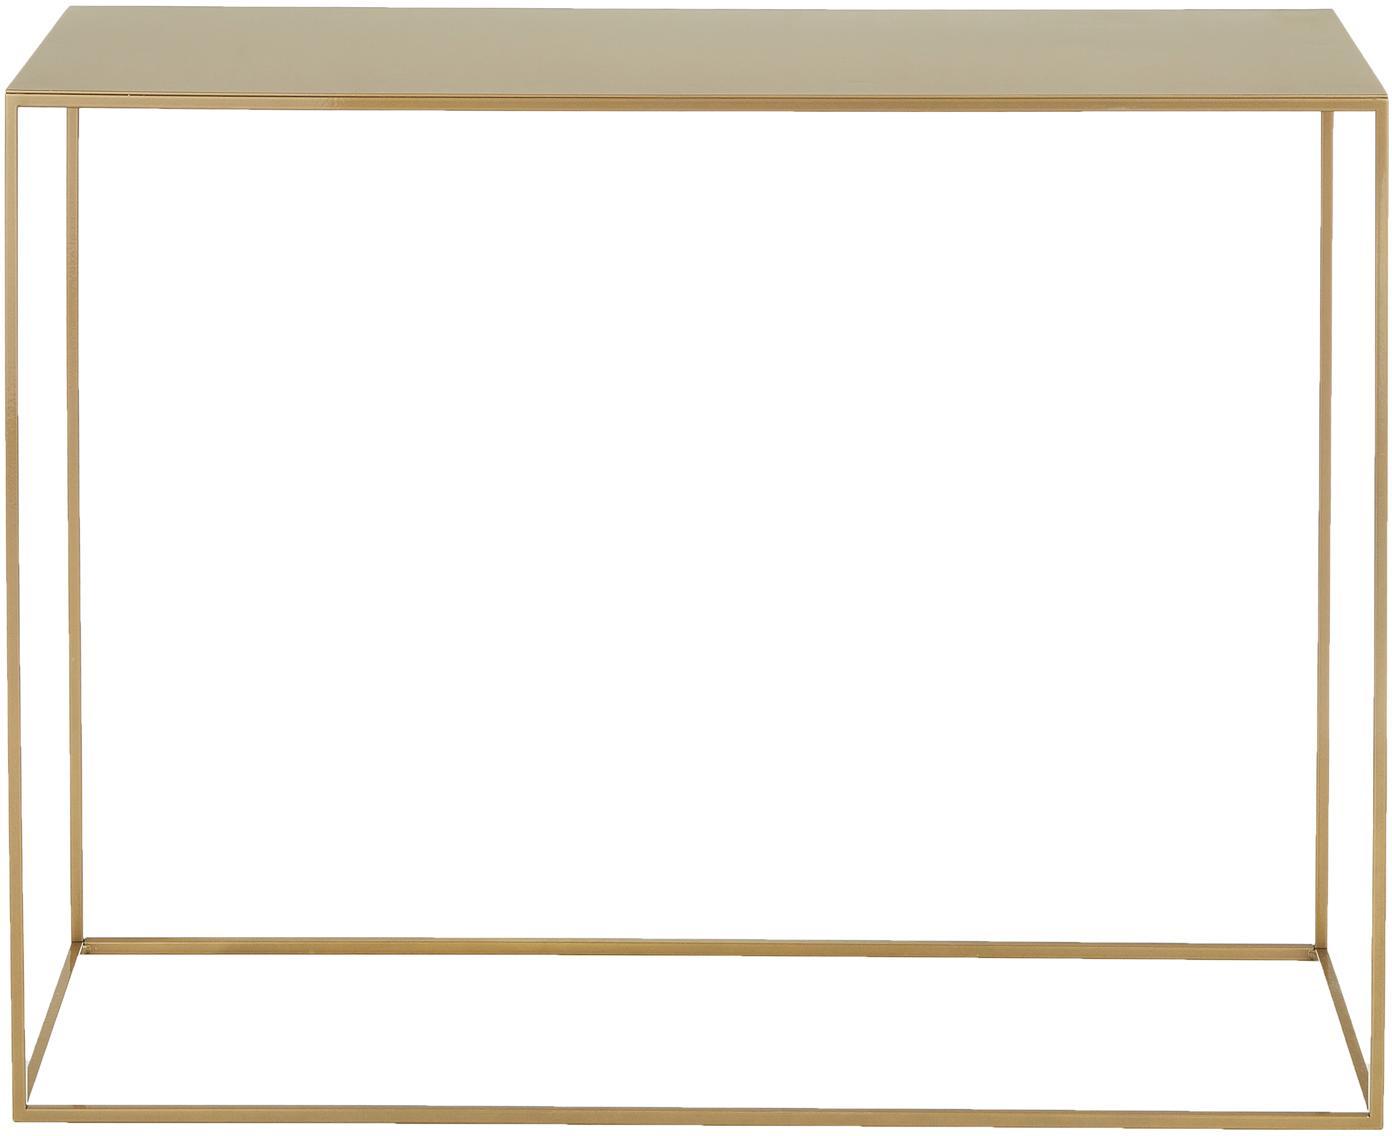 Metall-Konsole Tensio in Messingfarben, Metall, pulverbeschichtet, Schwarz, B 100 x T 35 cm